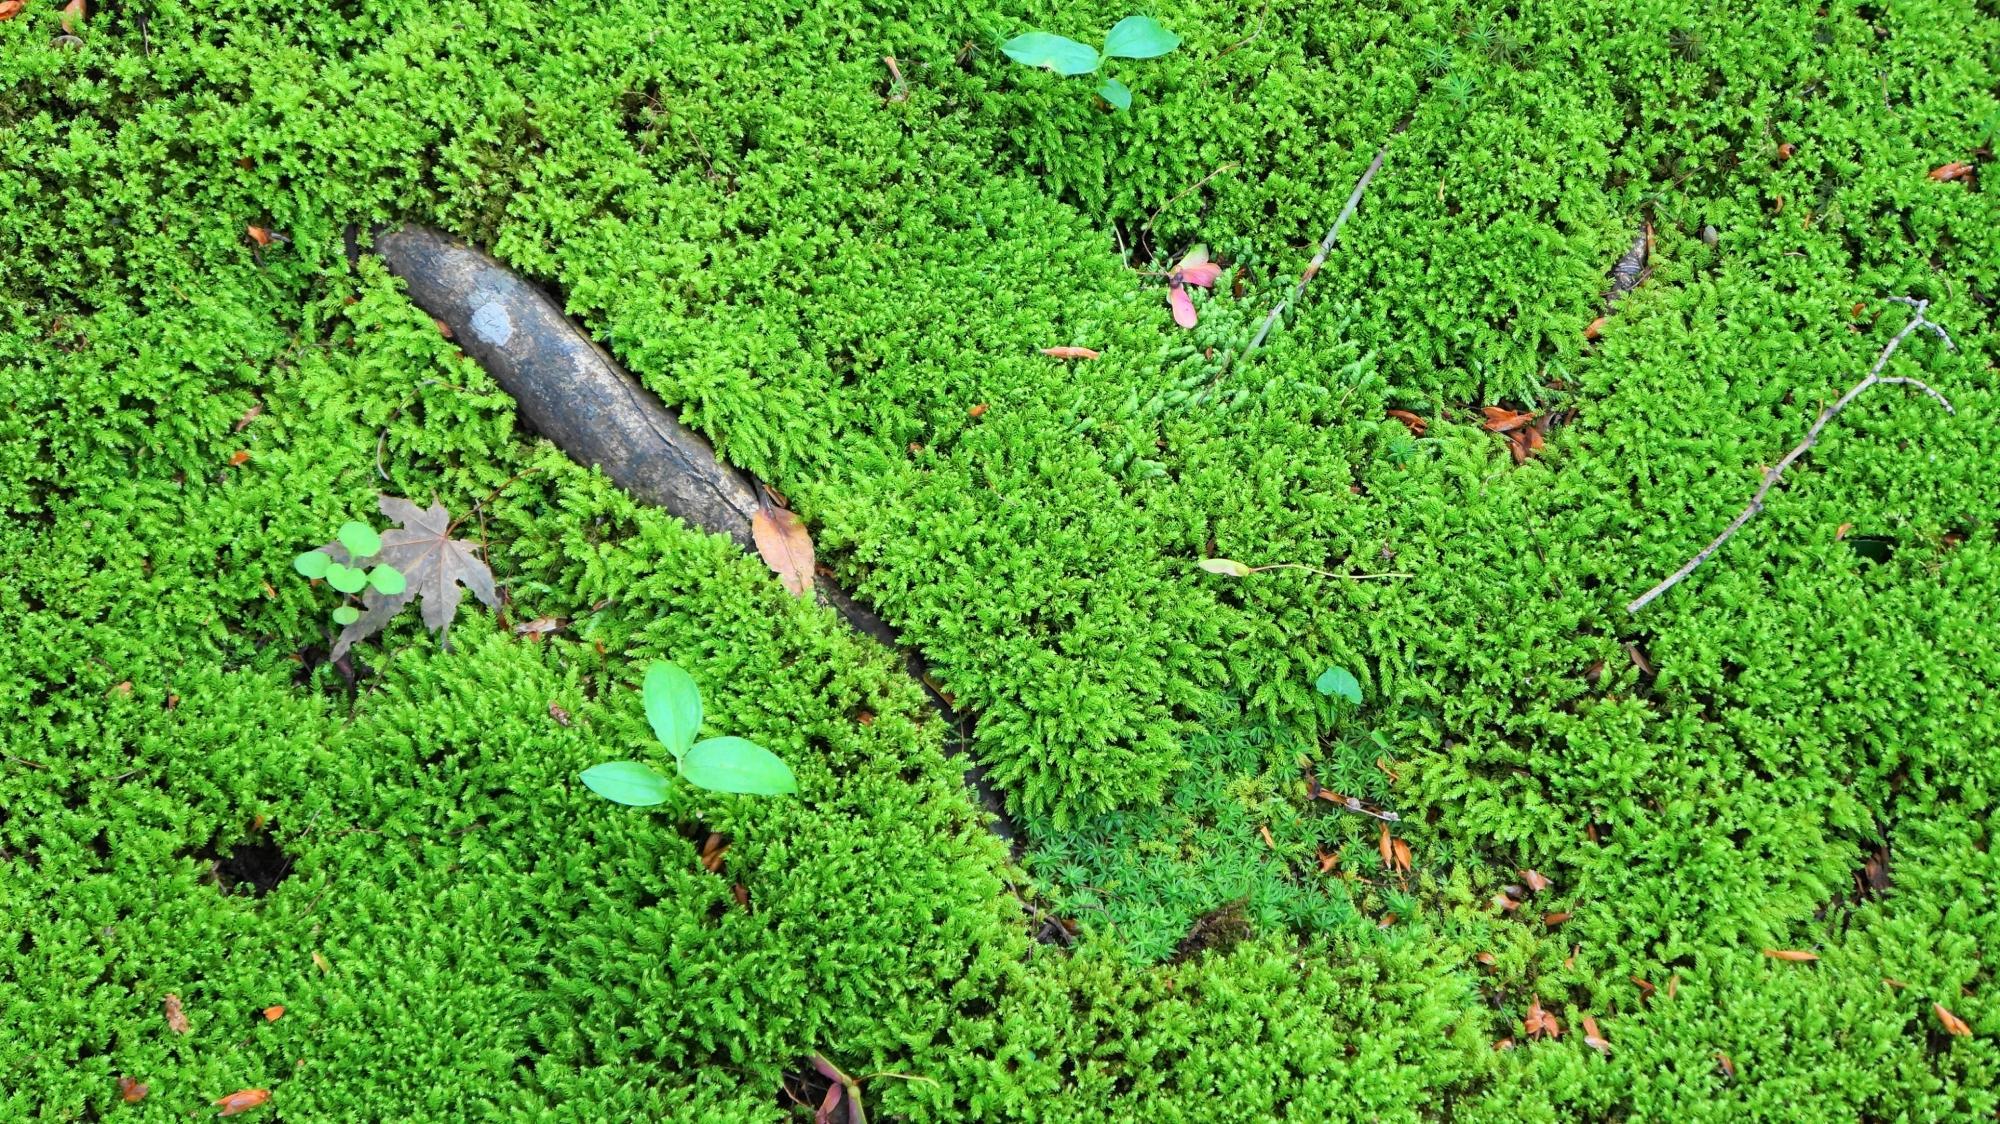 金福寺の鮮やかで美しい緑の苔の絨毯